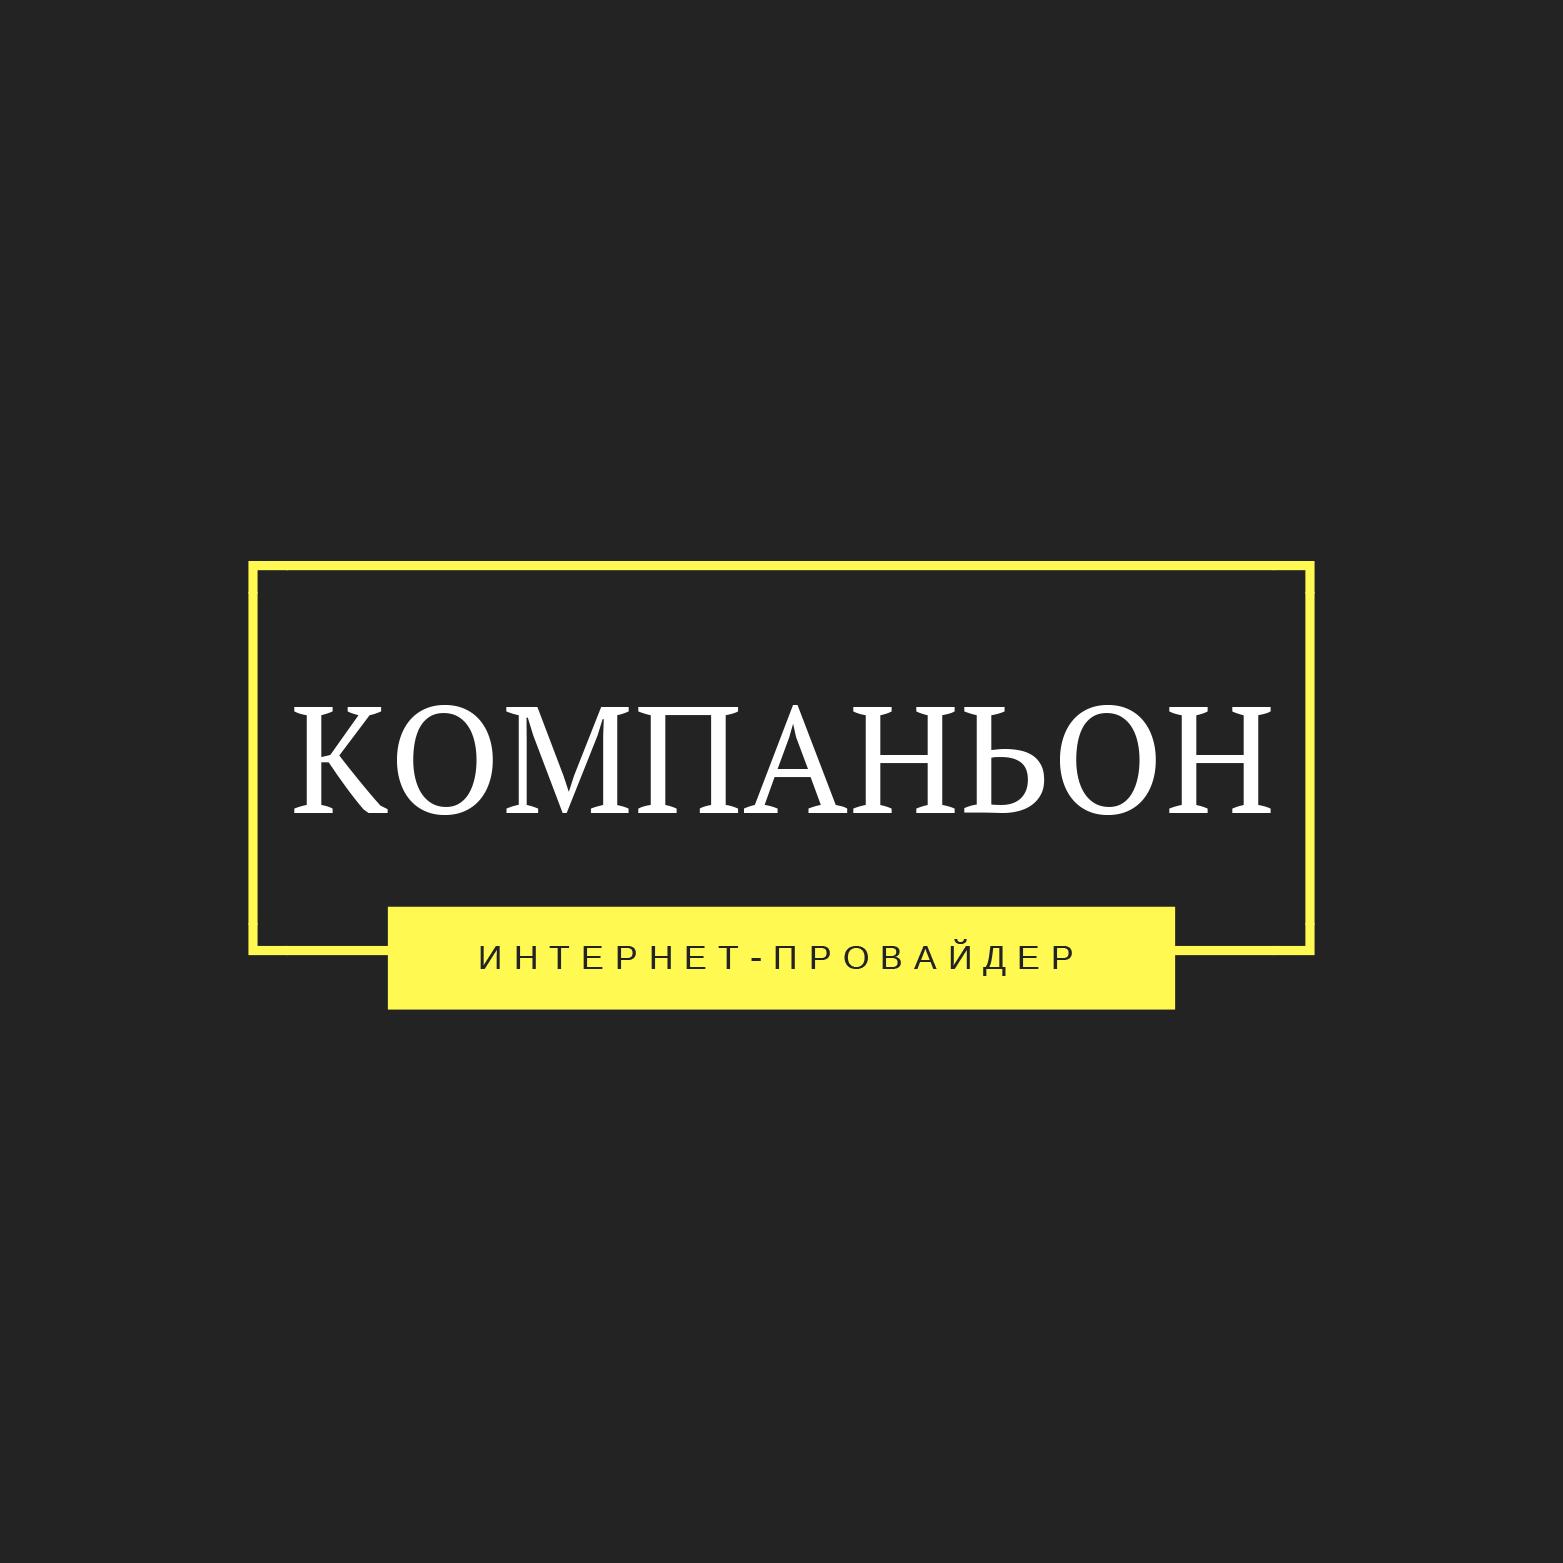 Логотип компании фото f_7675b6ecfd1a9158.png